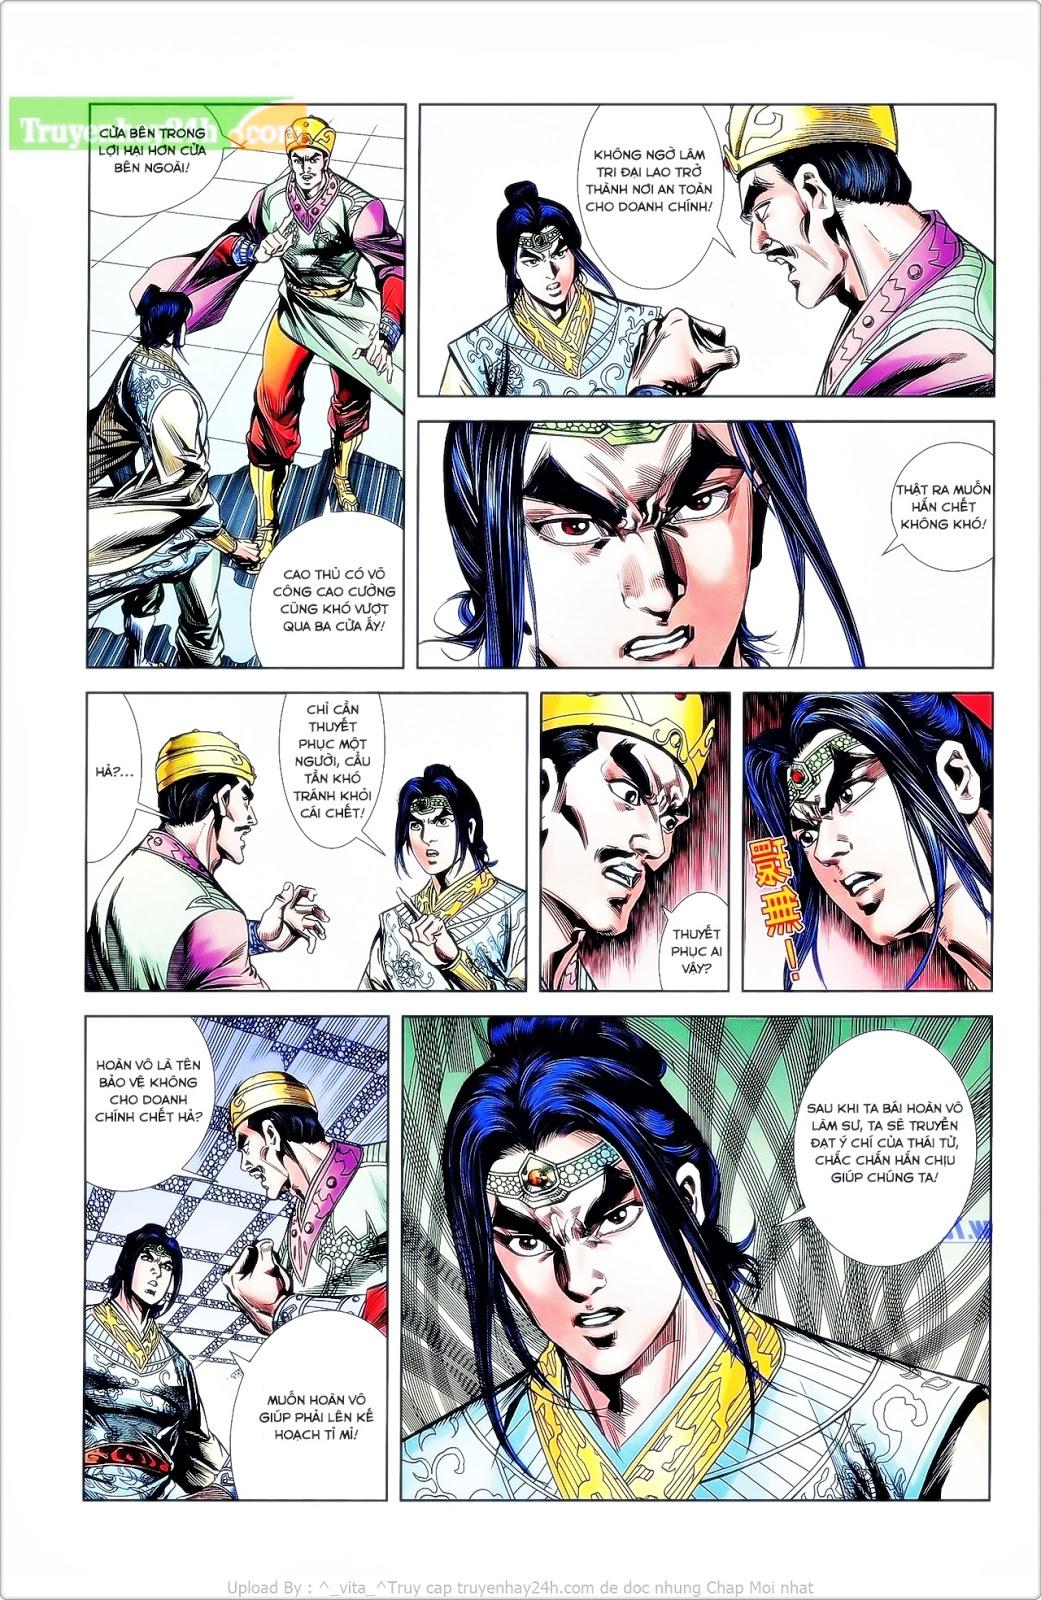 Tần Vương Doanh Chính chapter 25 trang 17